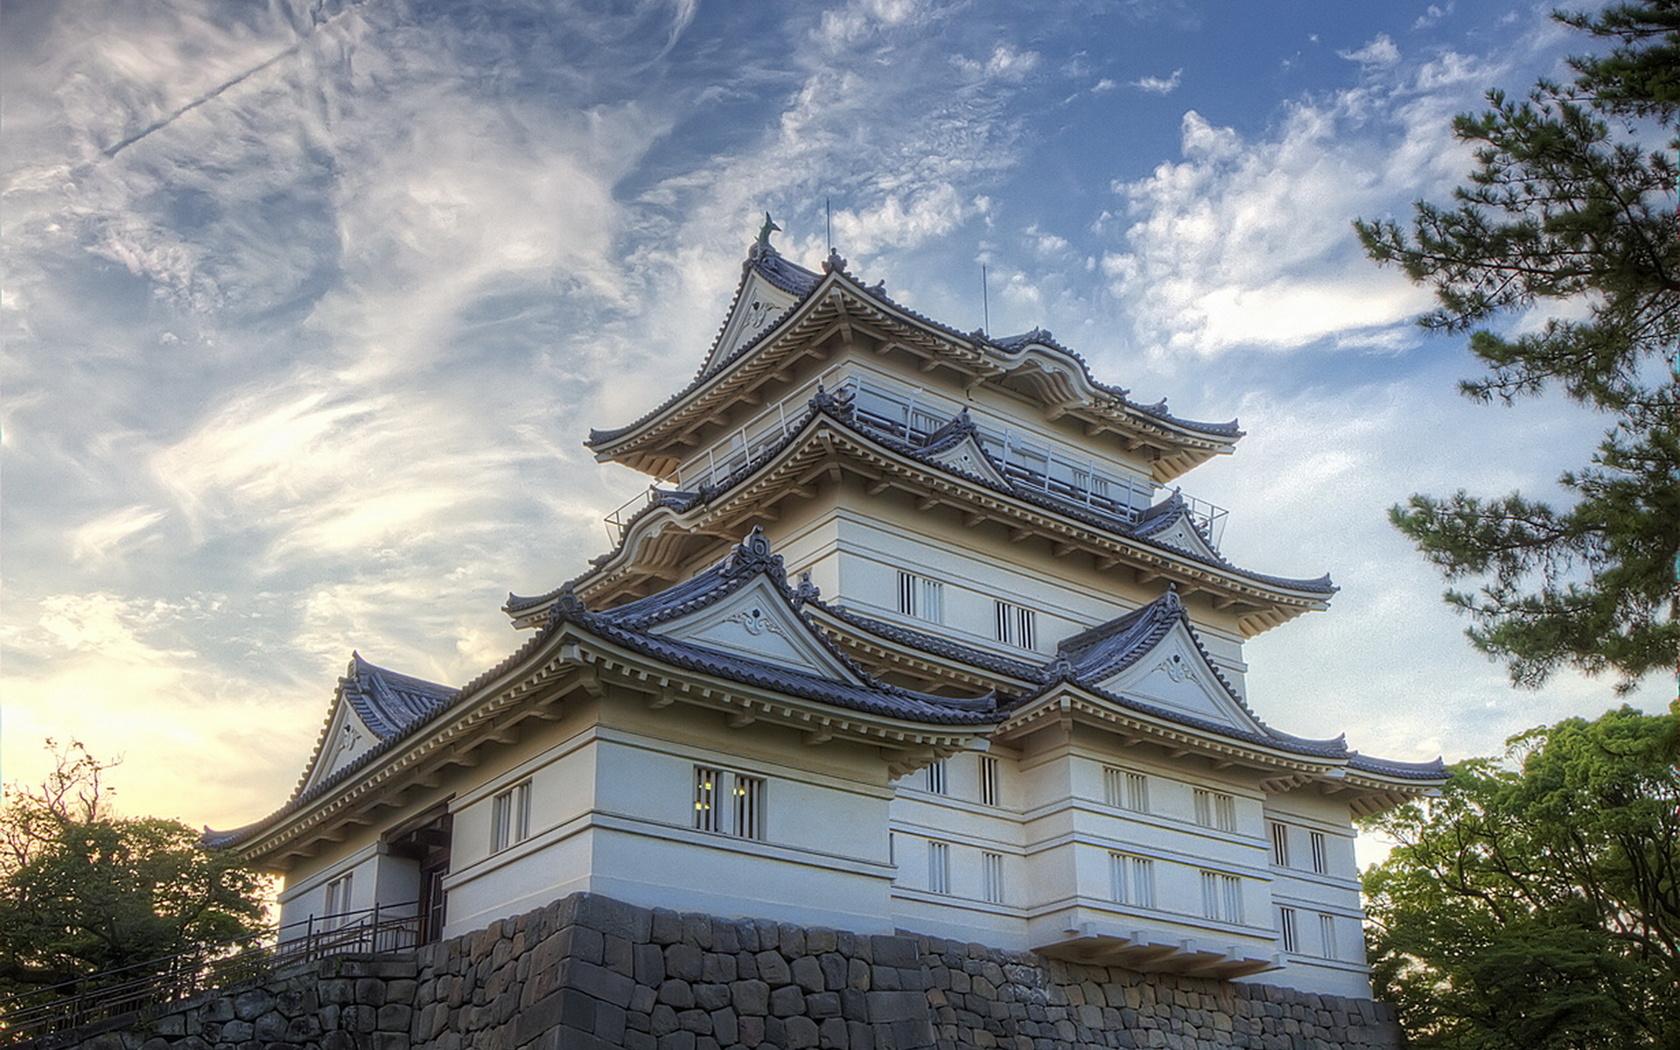 Япония, замок, замки Японии, небо, деревья, пагода, красота, замки мира,, облака